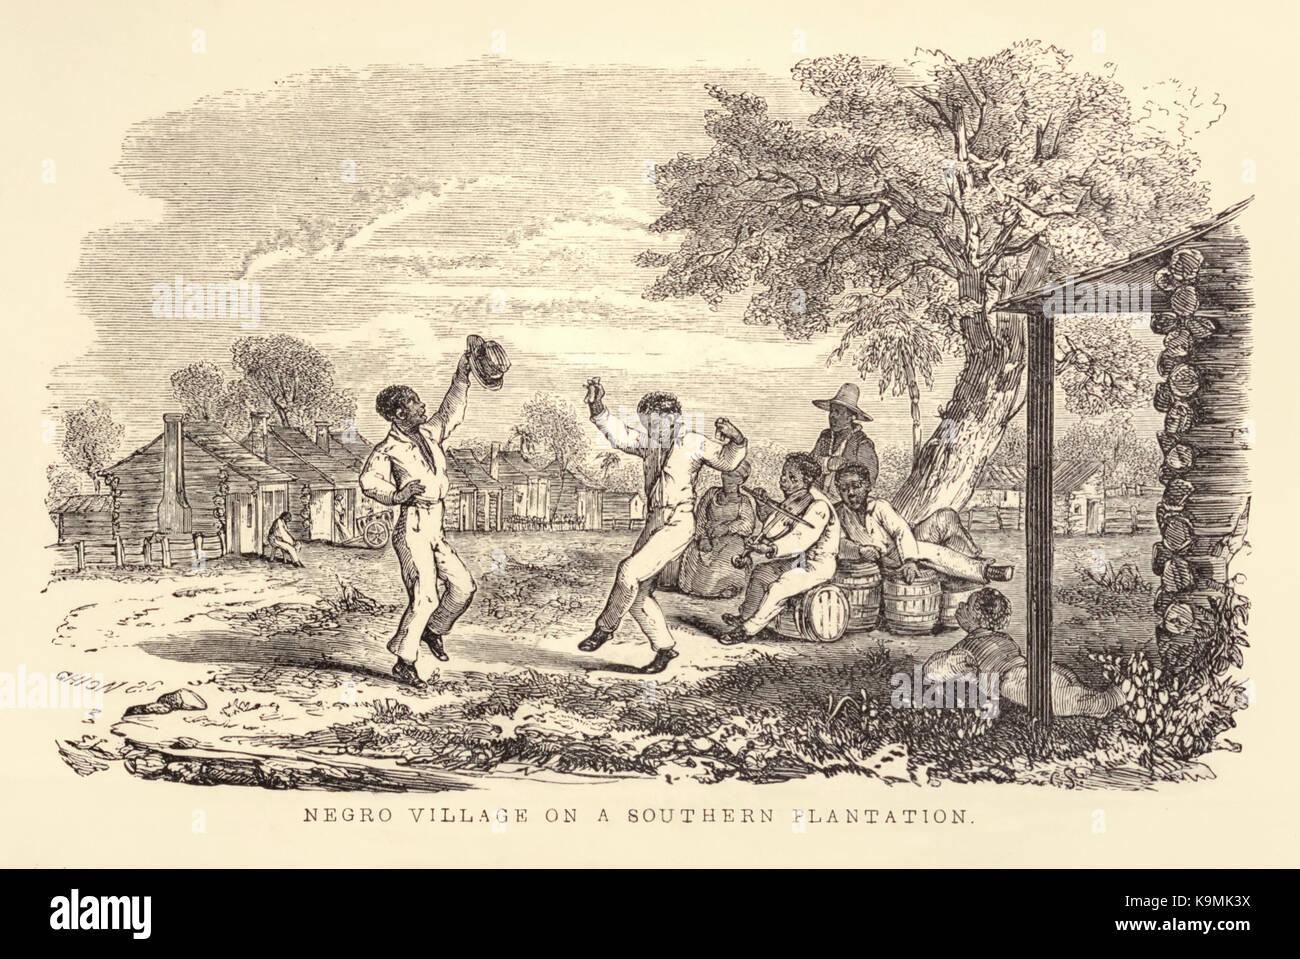 Negro villaggio su una piantagione del sud 39 da 39 zia for La cabina di zio ben